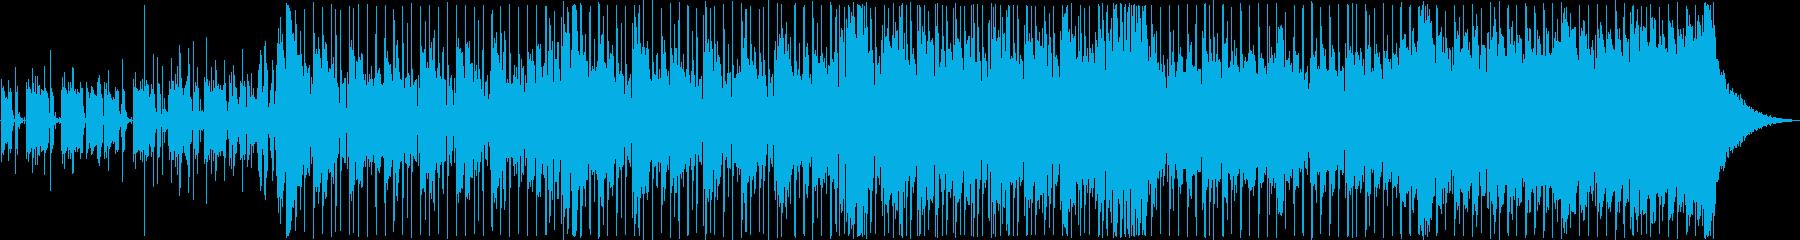 映像に合う四つ打ちテクノポップの再生済みの波形